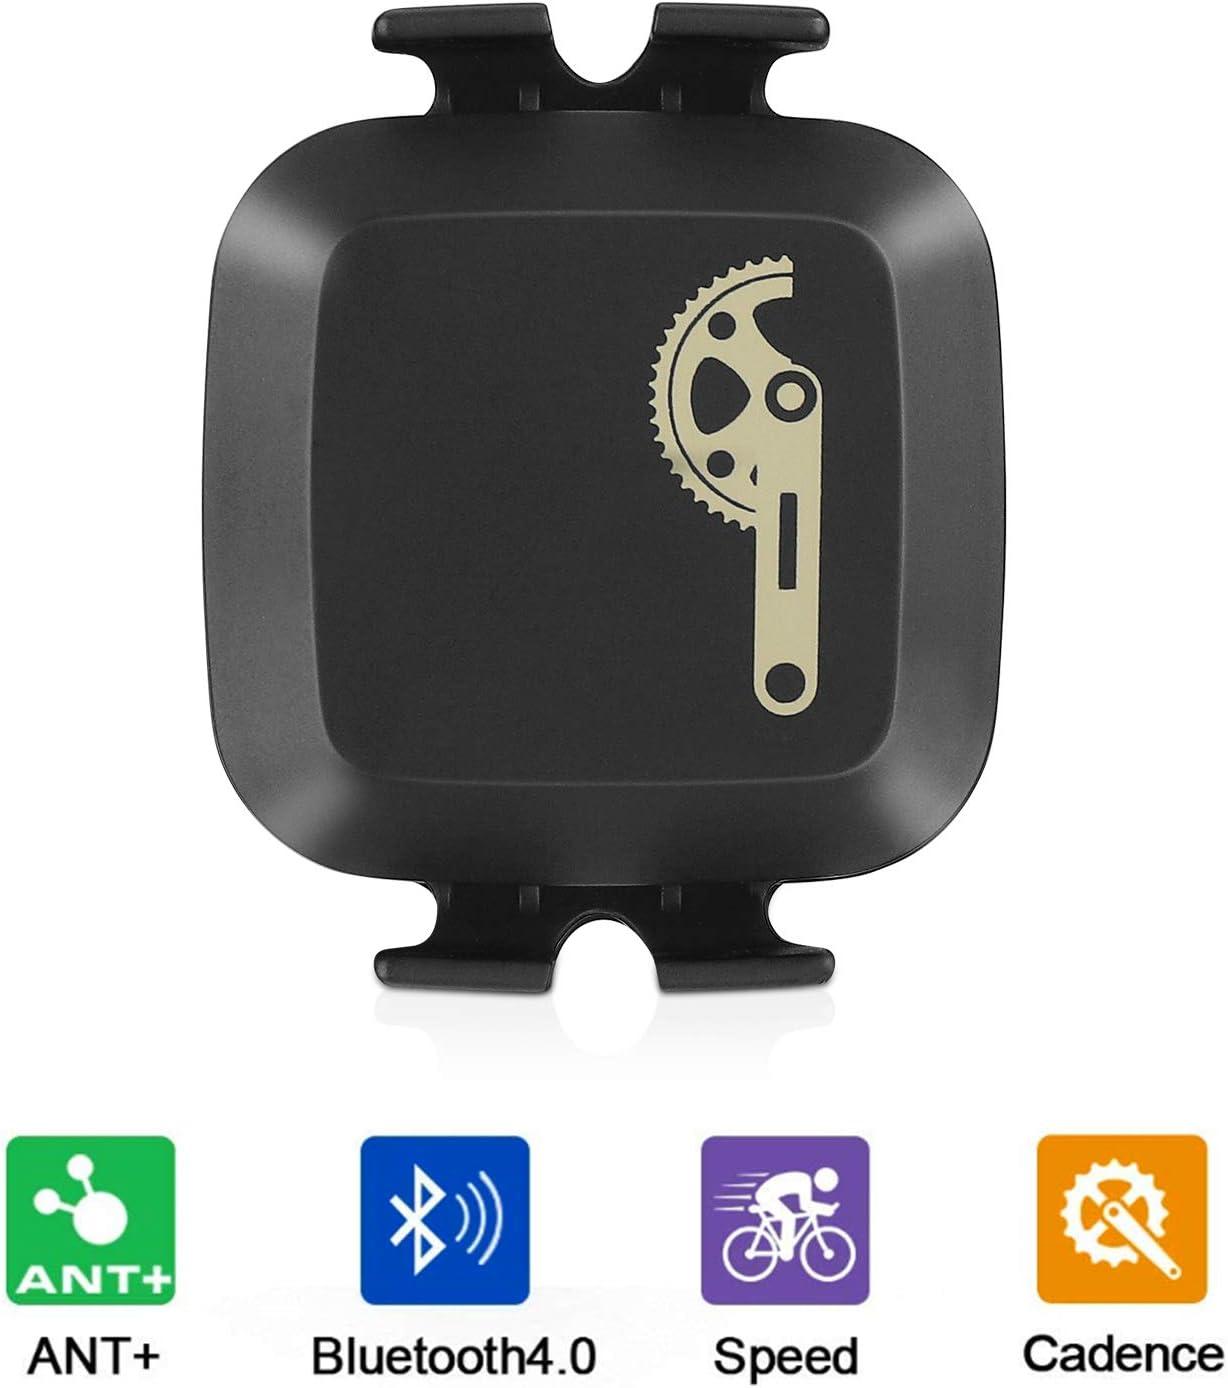 Sensor De Cadencia Y Velocidad Bluetooth/ant+ Zwift Y Otras